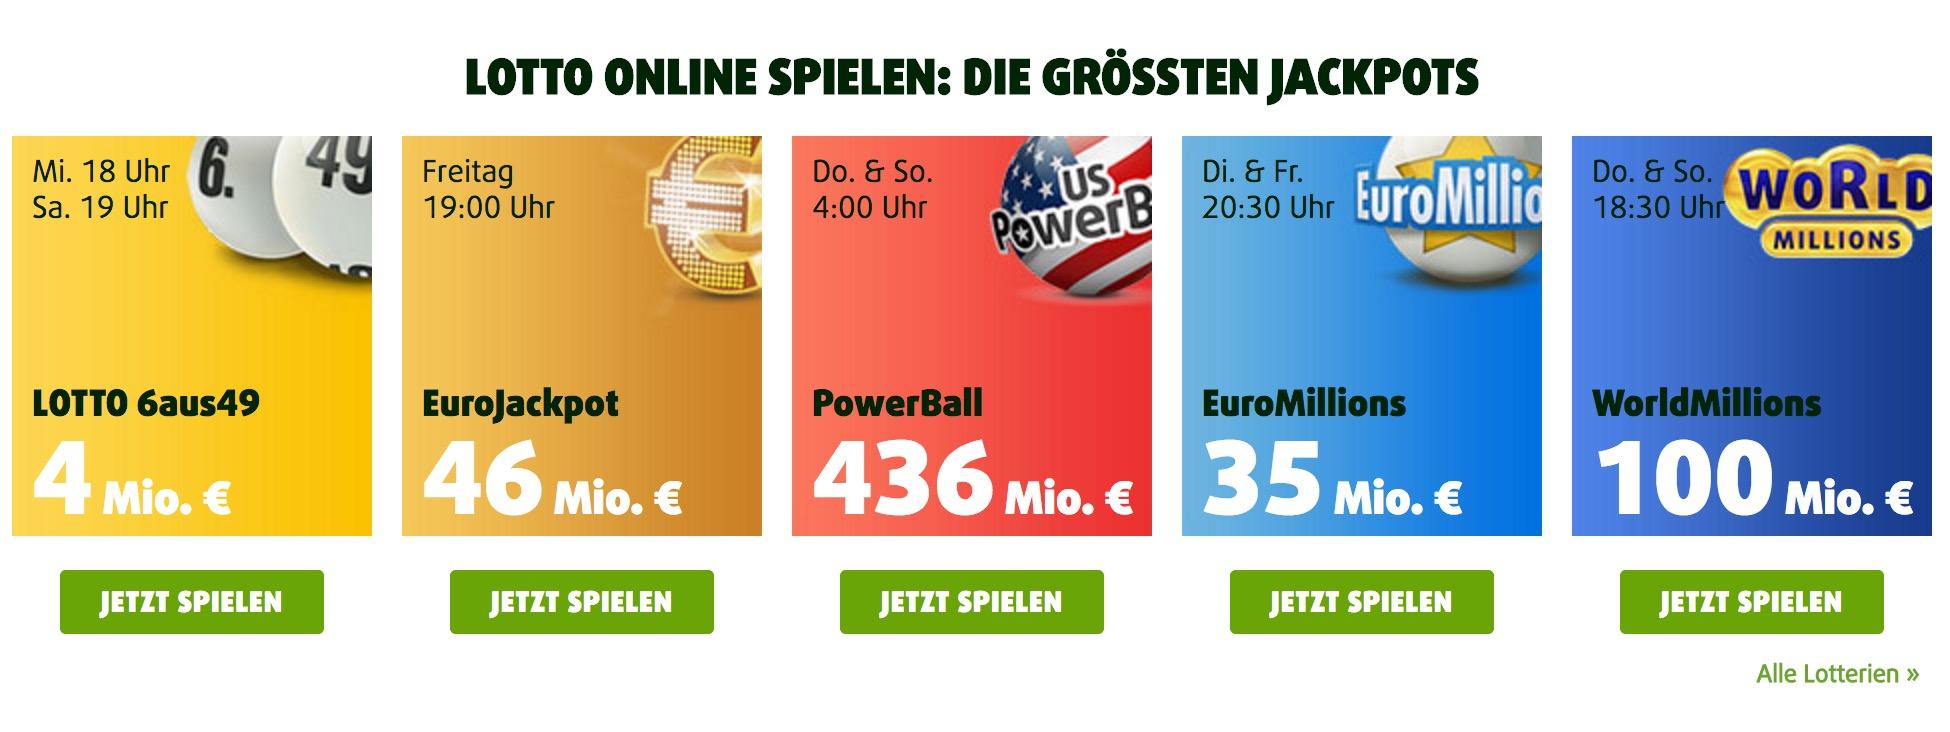 Euromillions Gewinnwahrscheinlichkeit